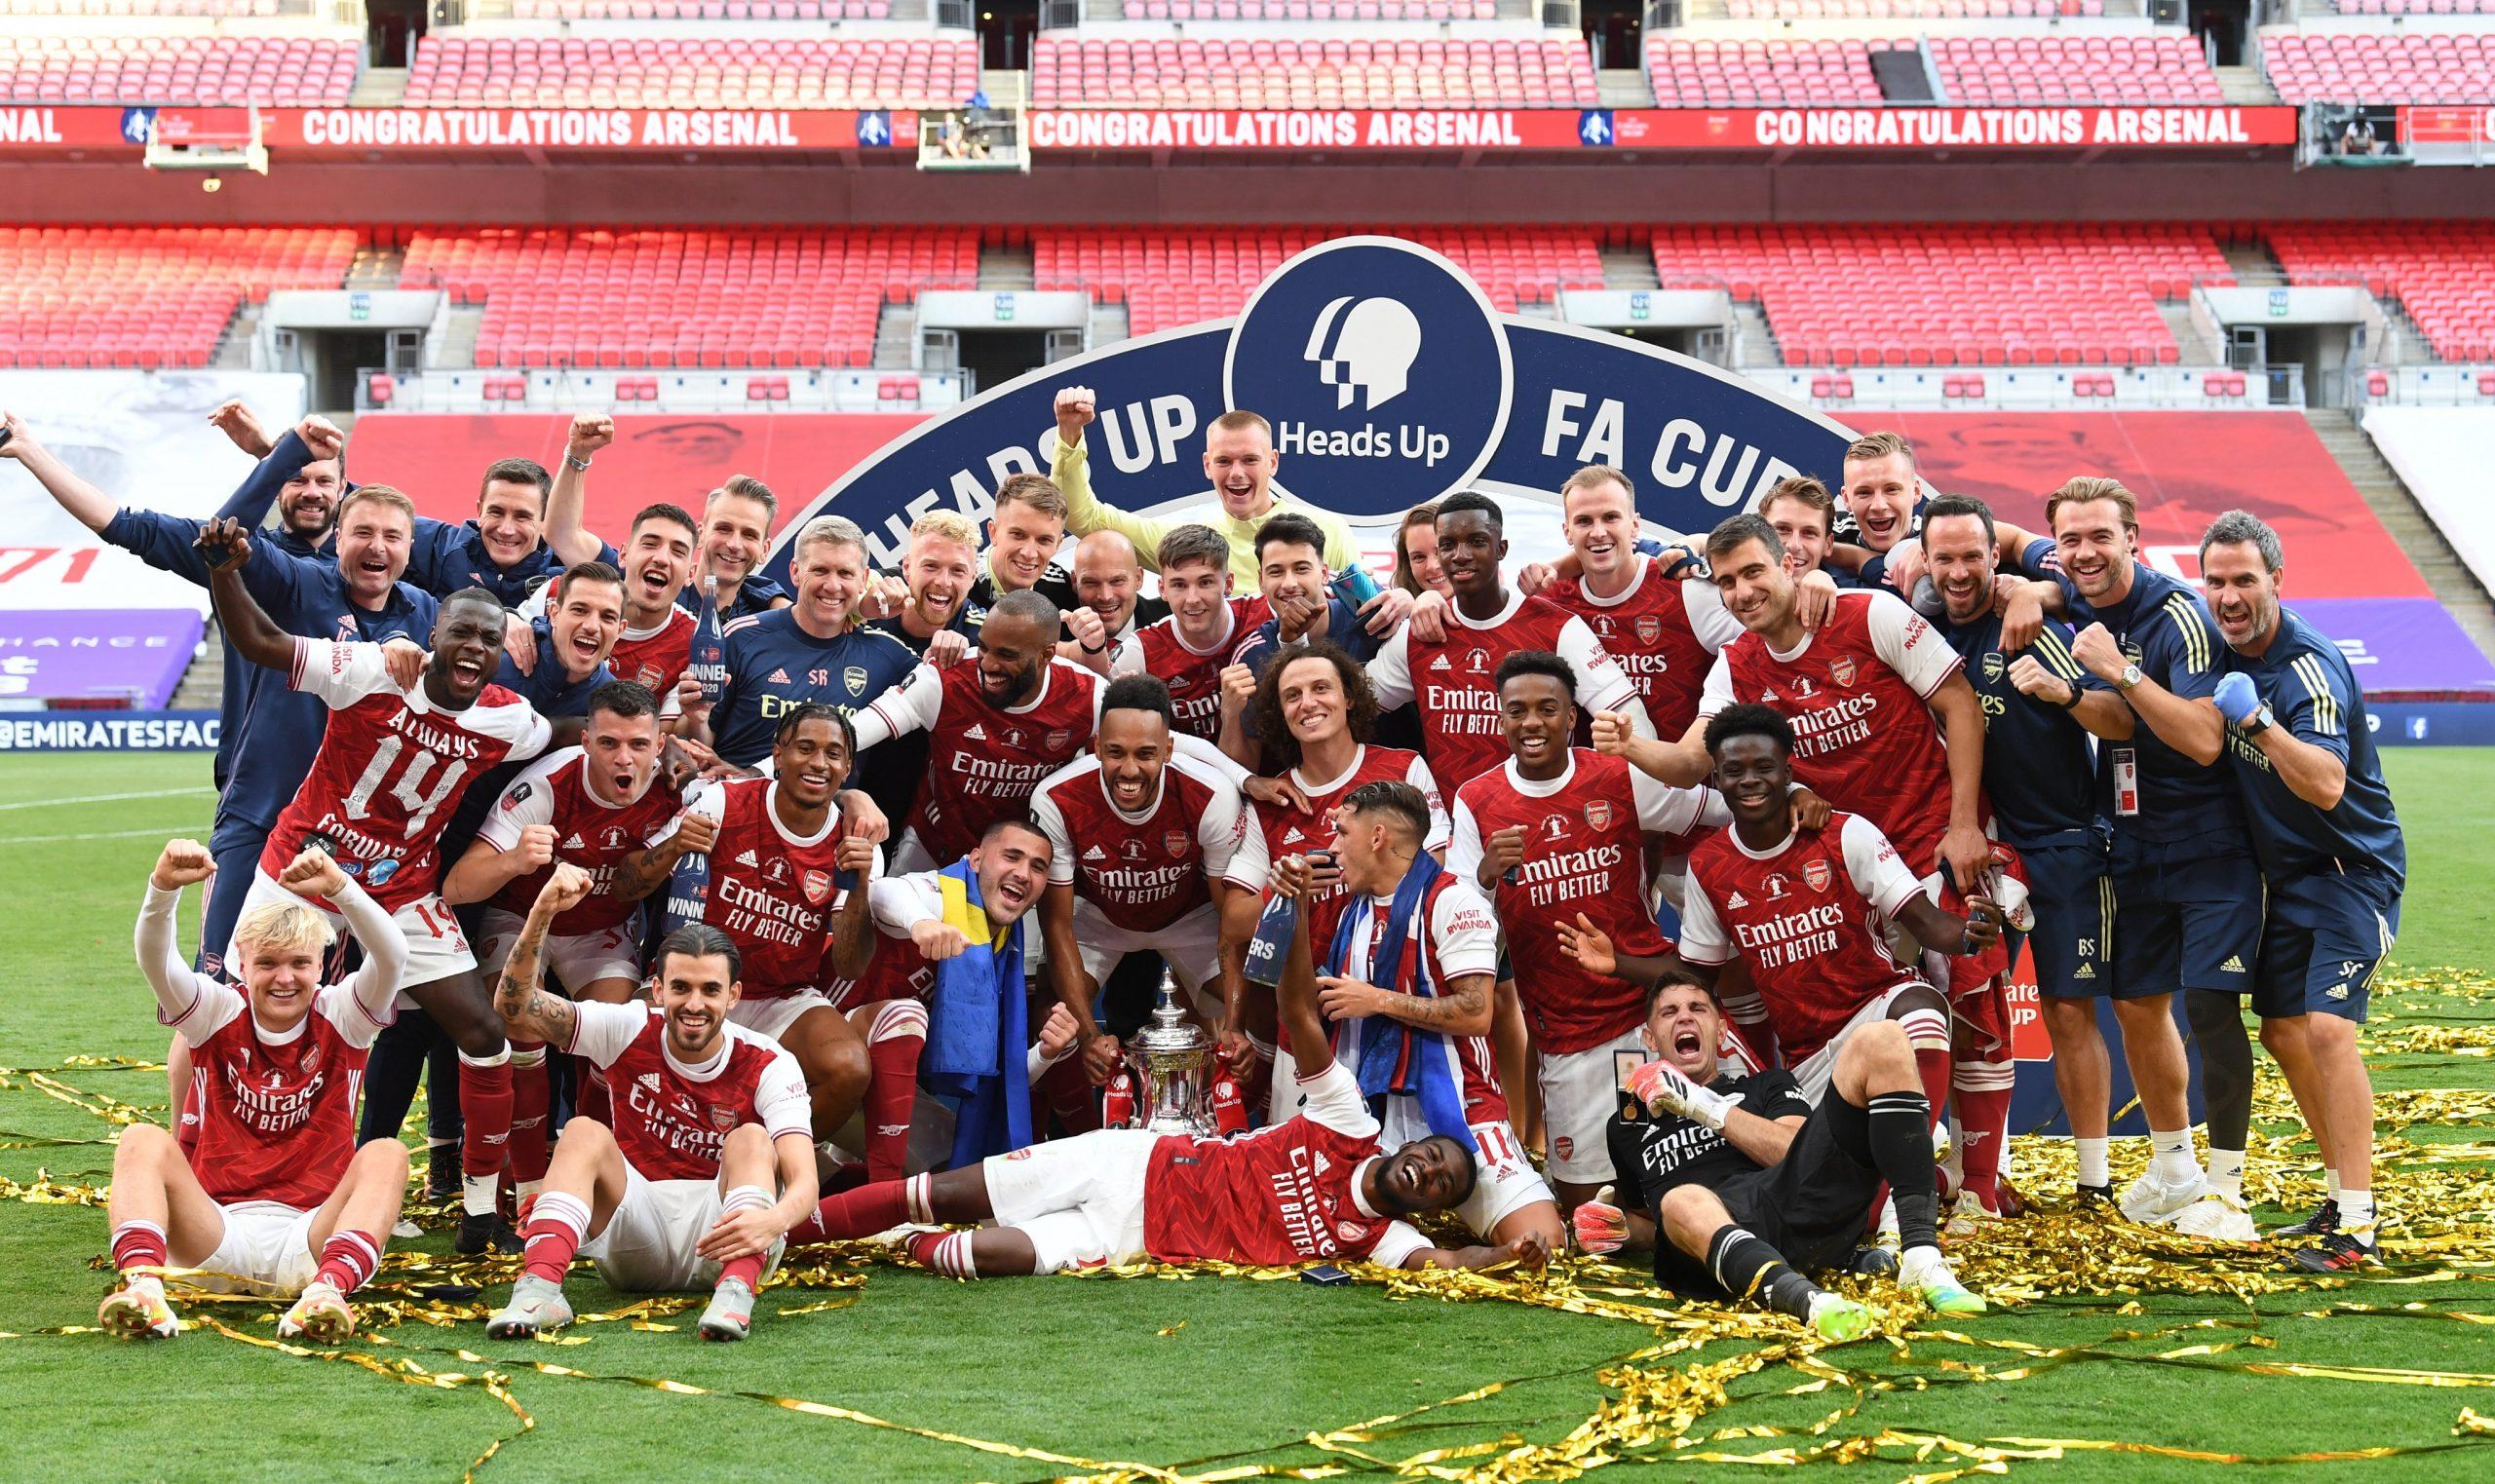 More celebration moment. Source https://twitter.com/Arsenal ugandafilmtalks